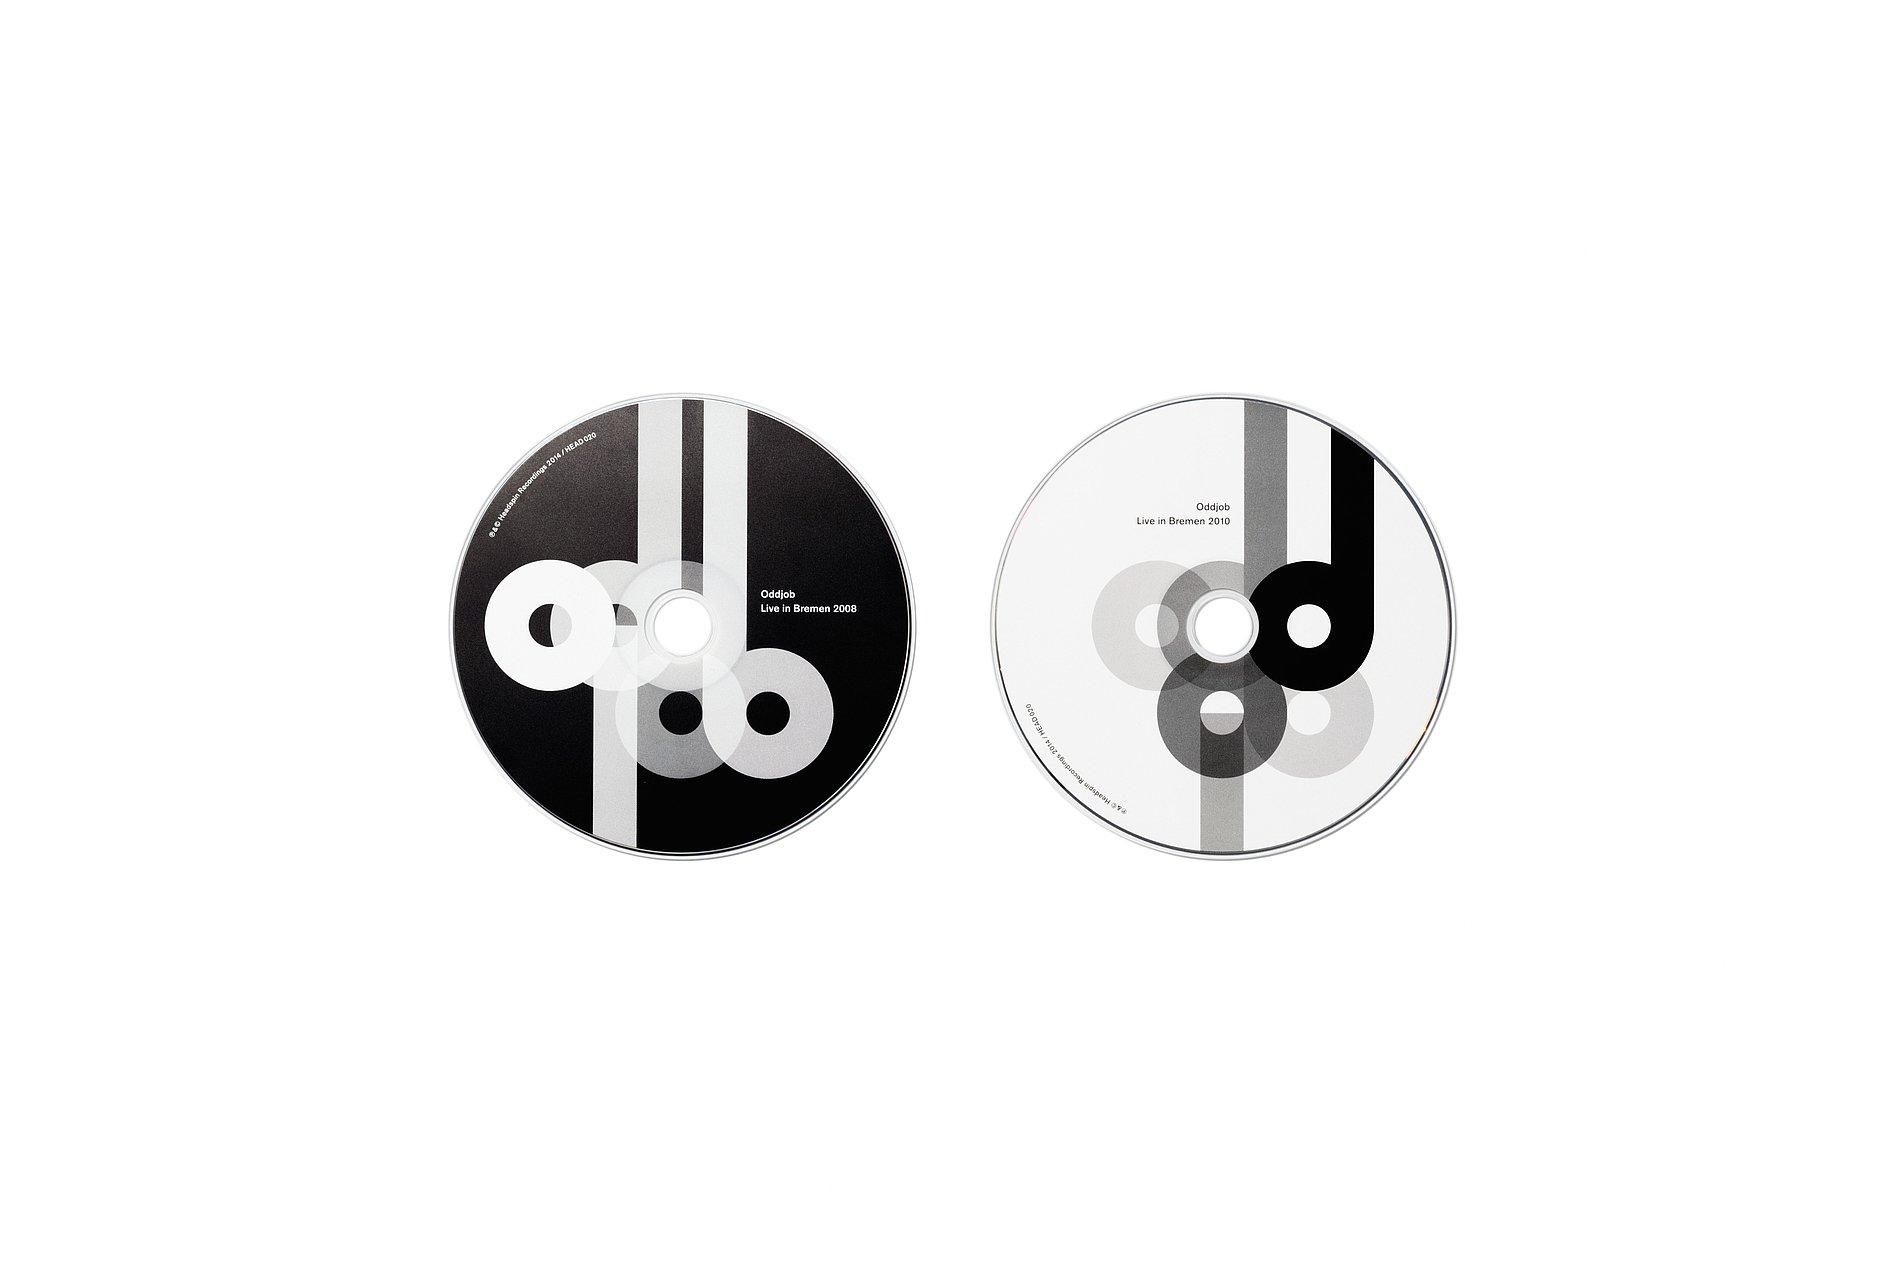 Oddjob – Live in Bremen | Red Dot Design Award